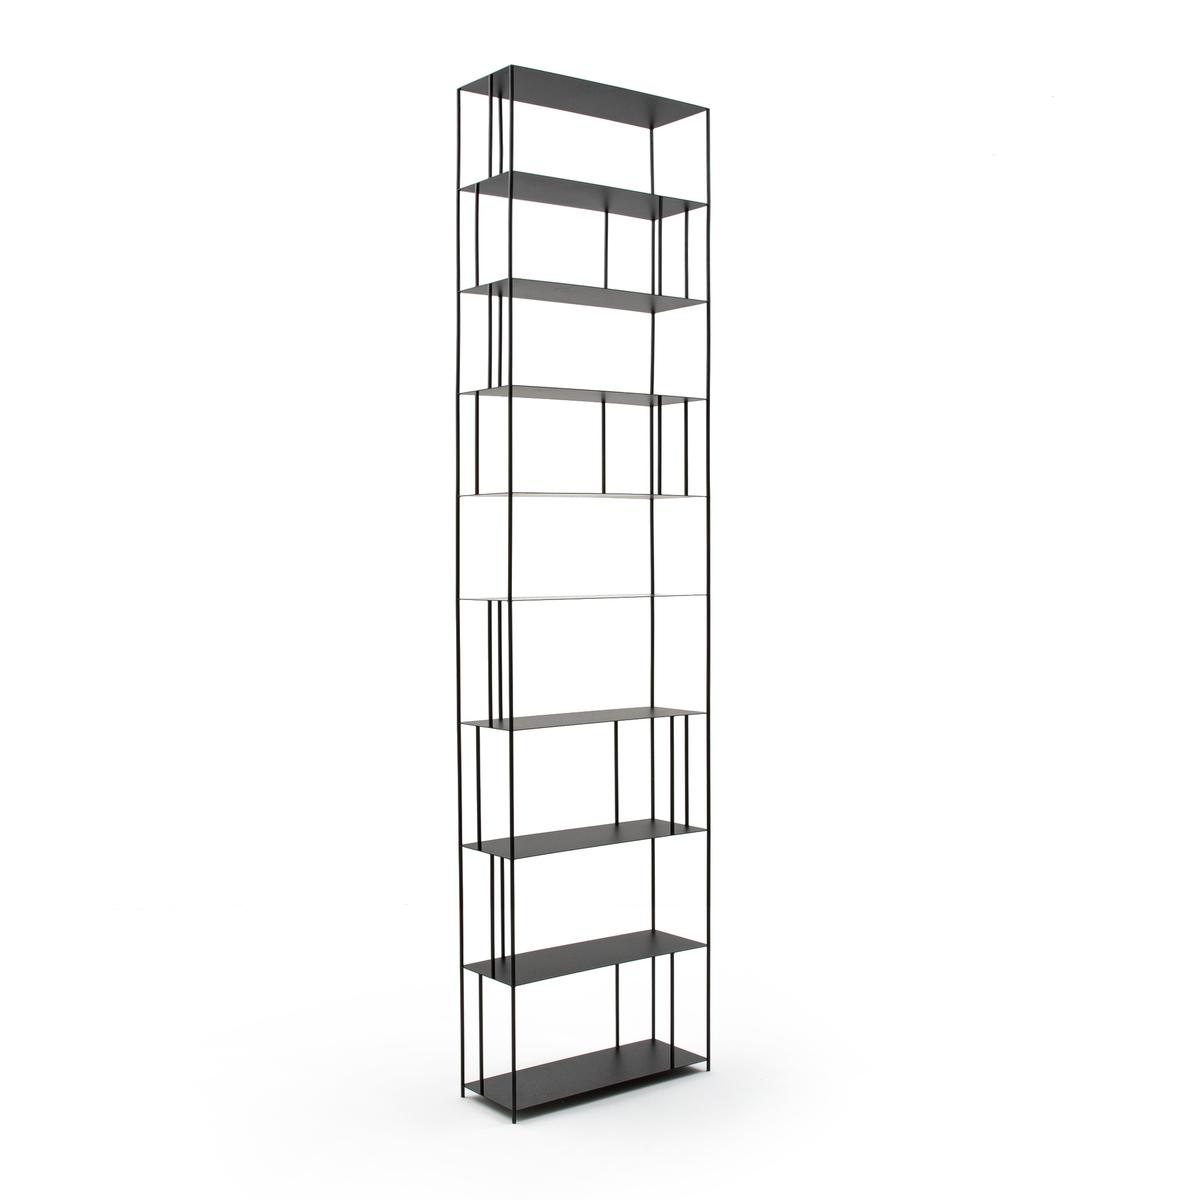 Шкаф LaRedoute Книжный из металла Выс320 см Parallel XXL единый размер черный